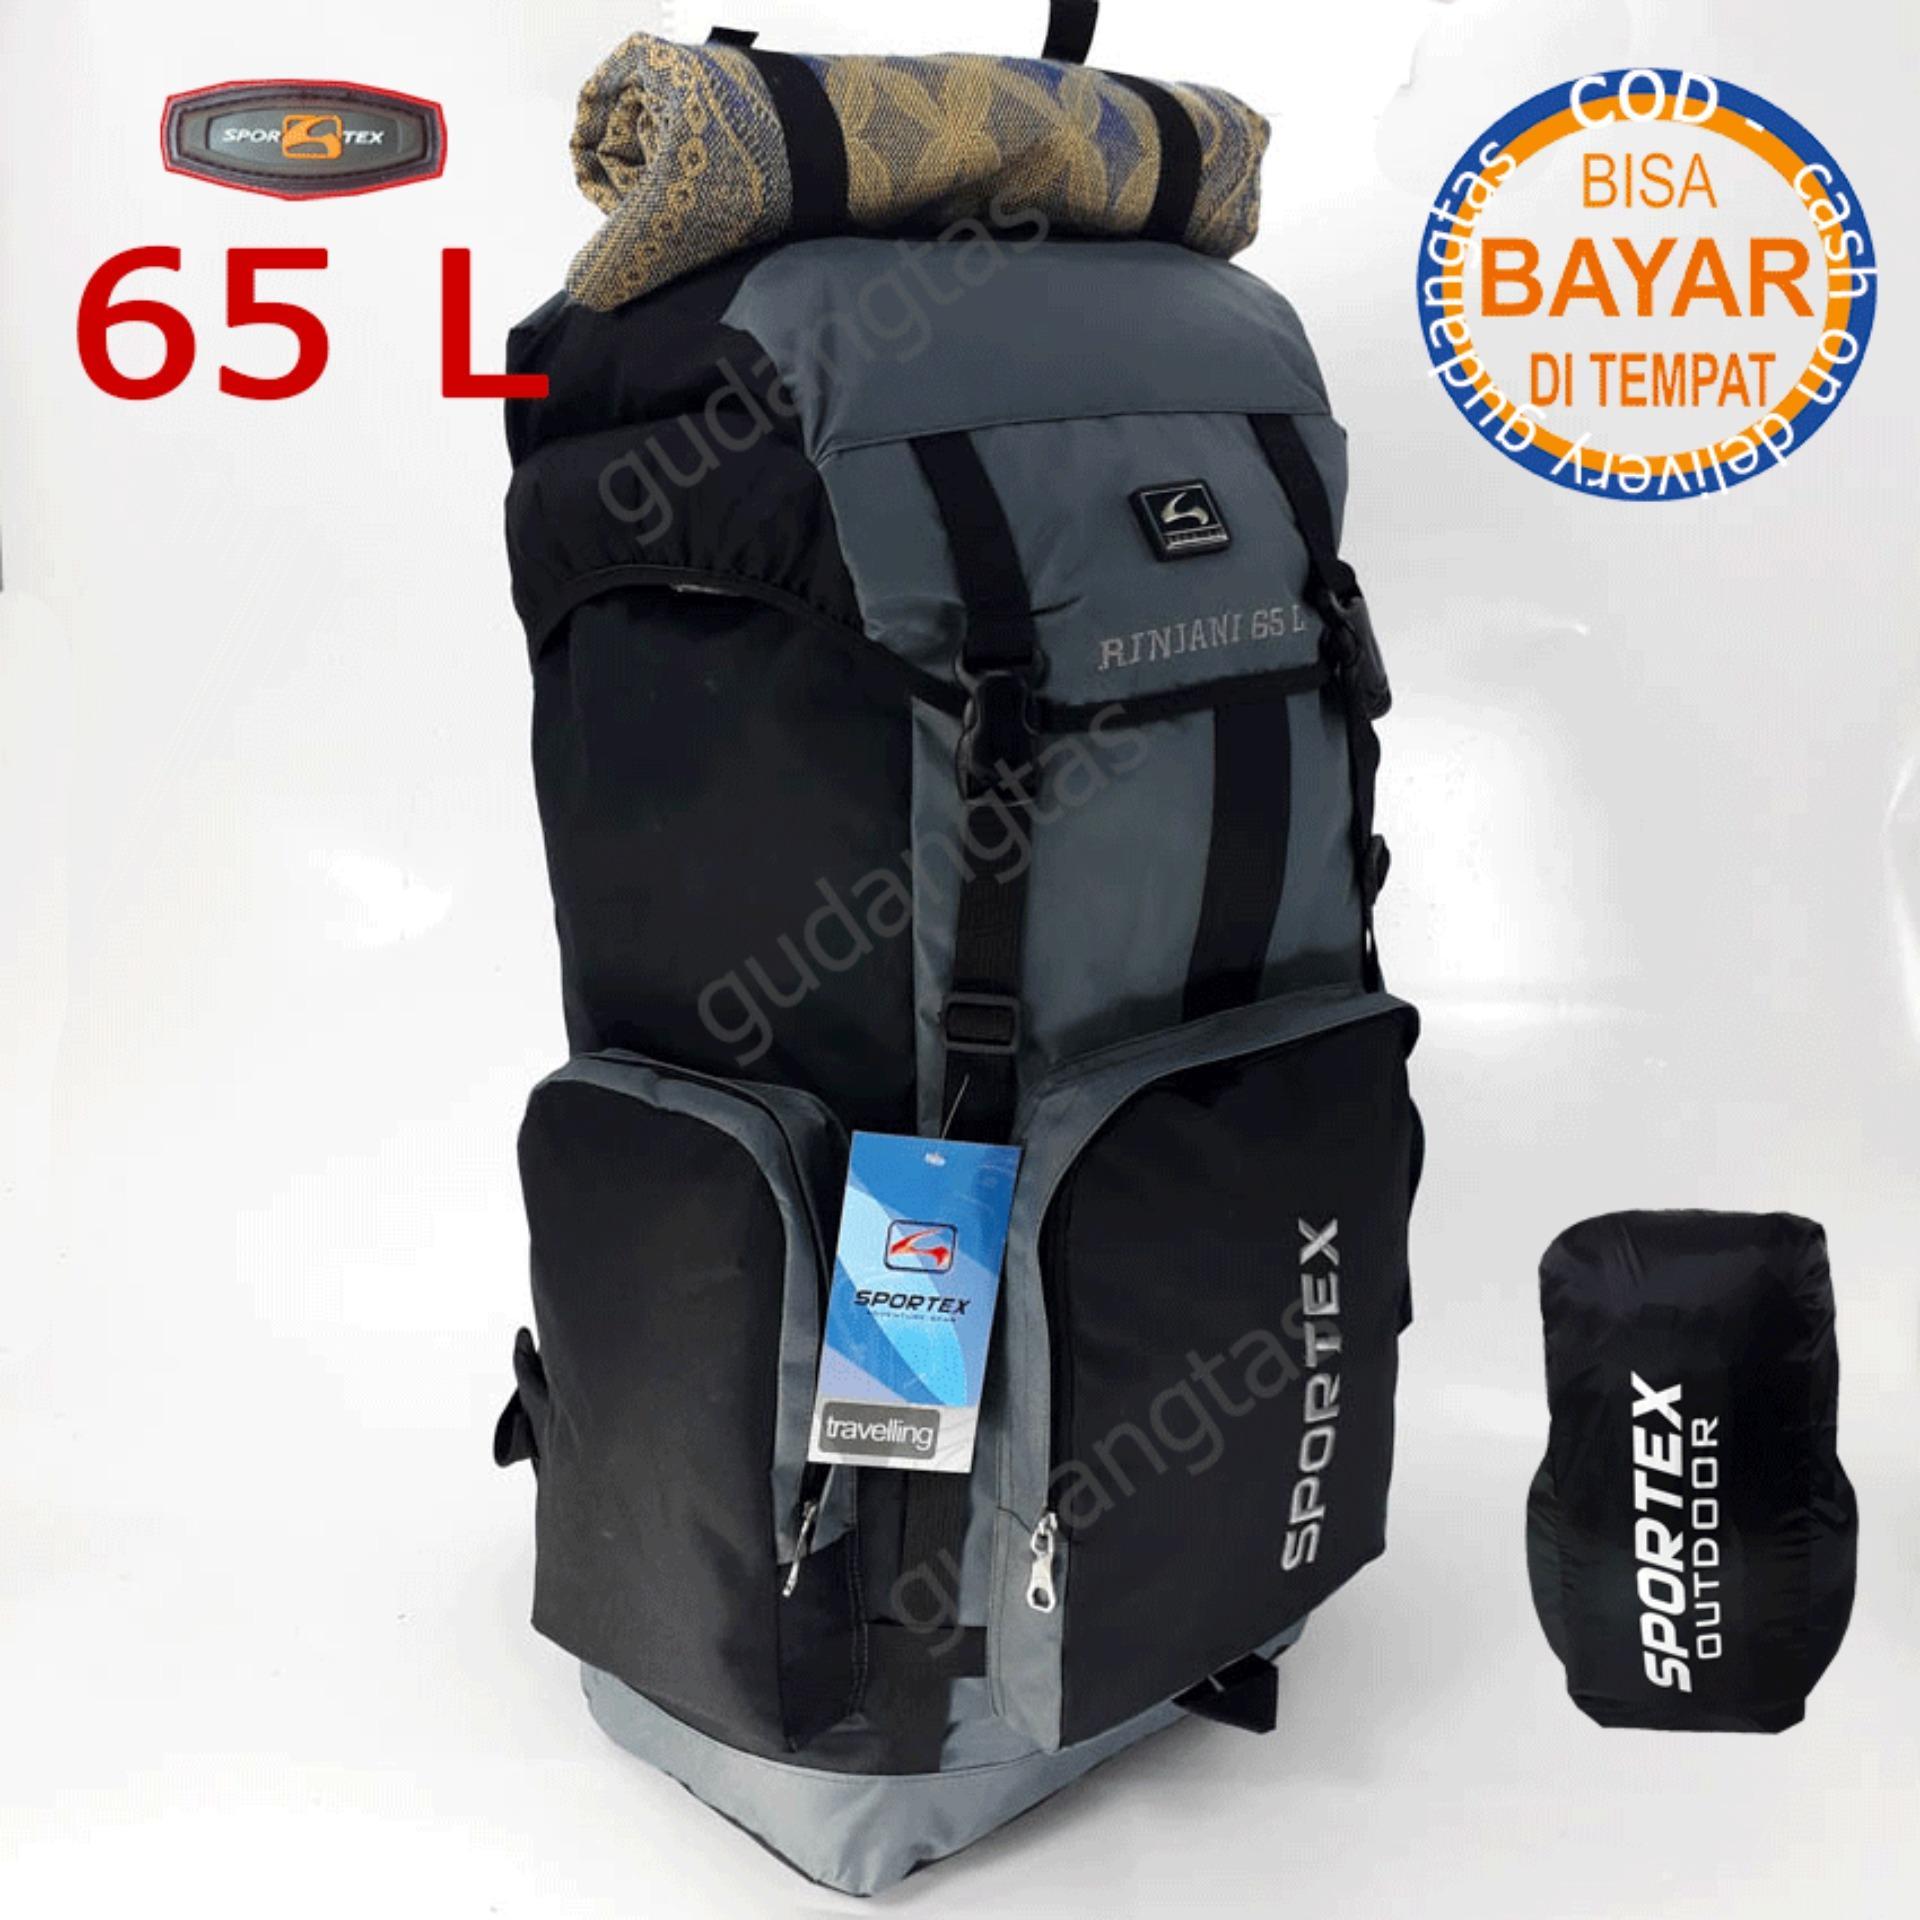 Sportex Tas Ransel Gunung Tas Keril Tas Carrier Tas Camping Tas Hiking 65L JUMBO Raincover GDTL0886